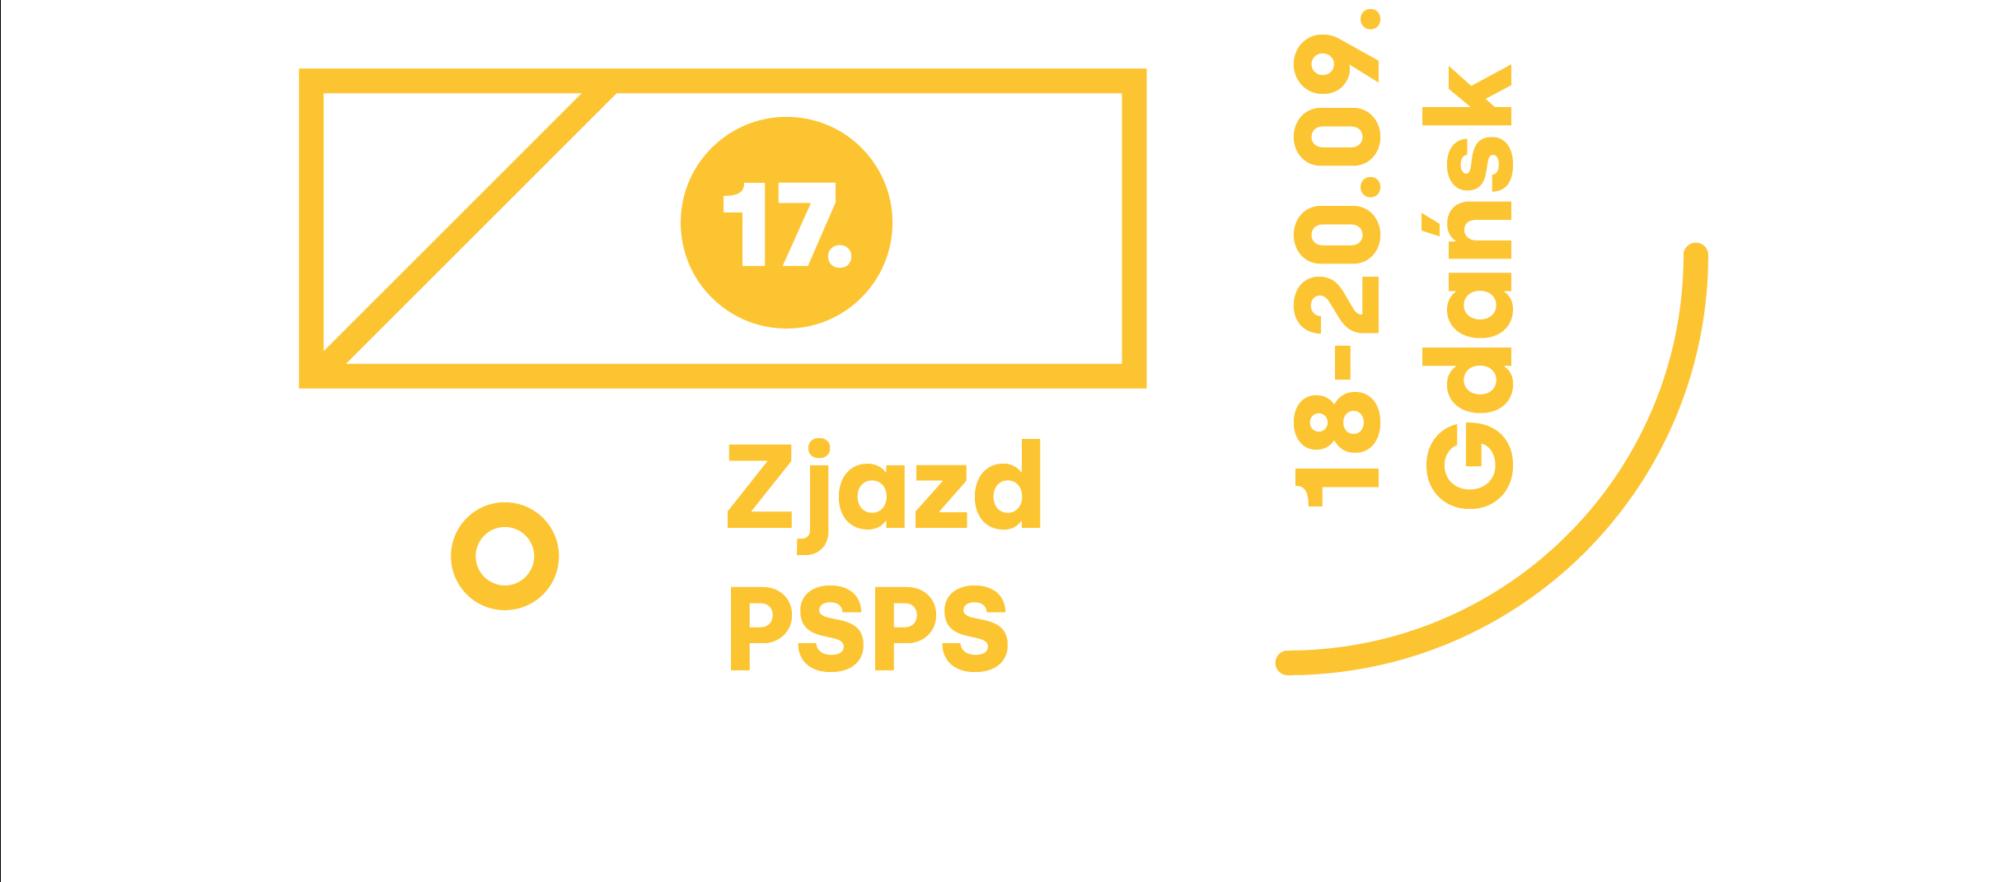 XVII Zjazd PSPS w Gdańsku